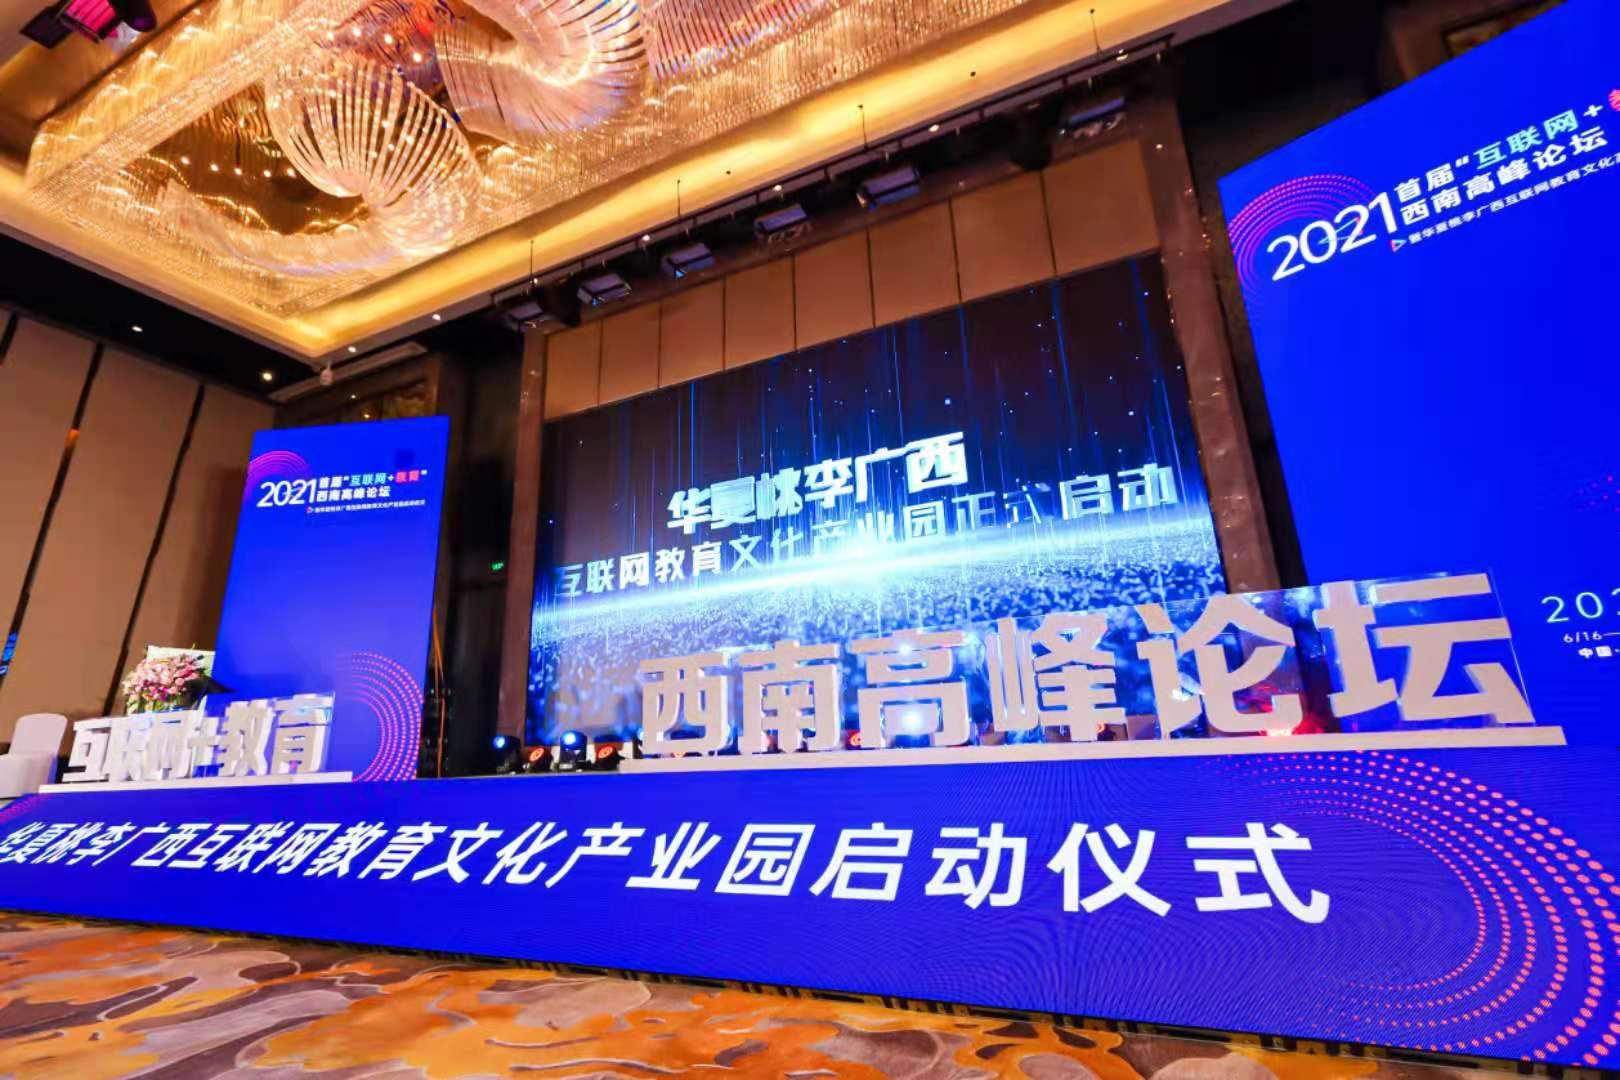 忠魁营销产业研究院互联网营销运营中心落户柳东新区